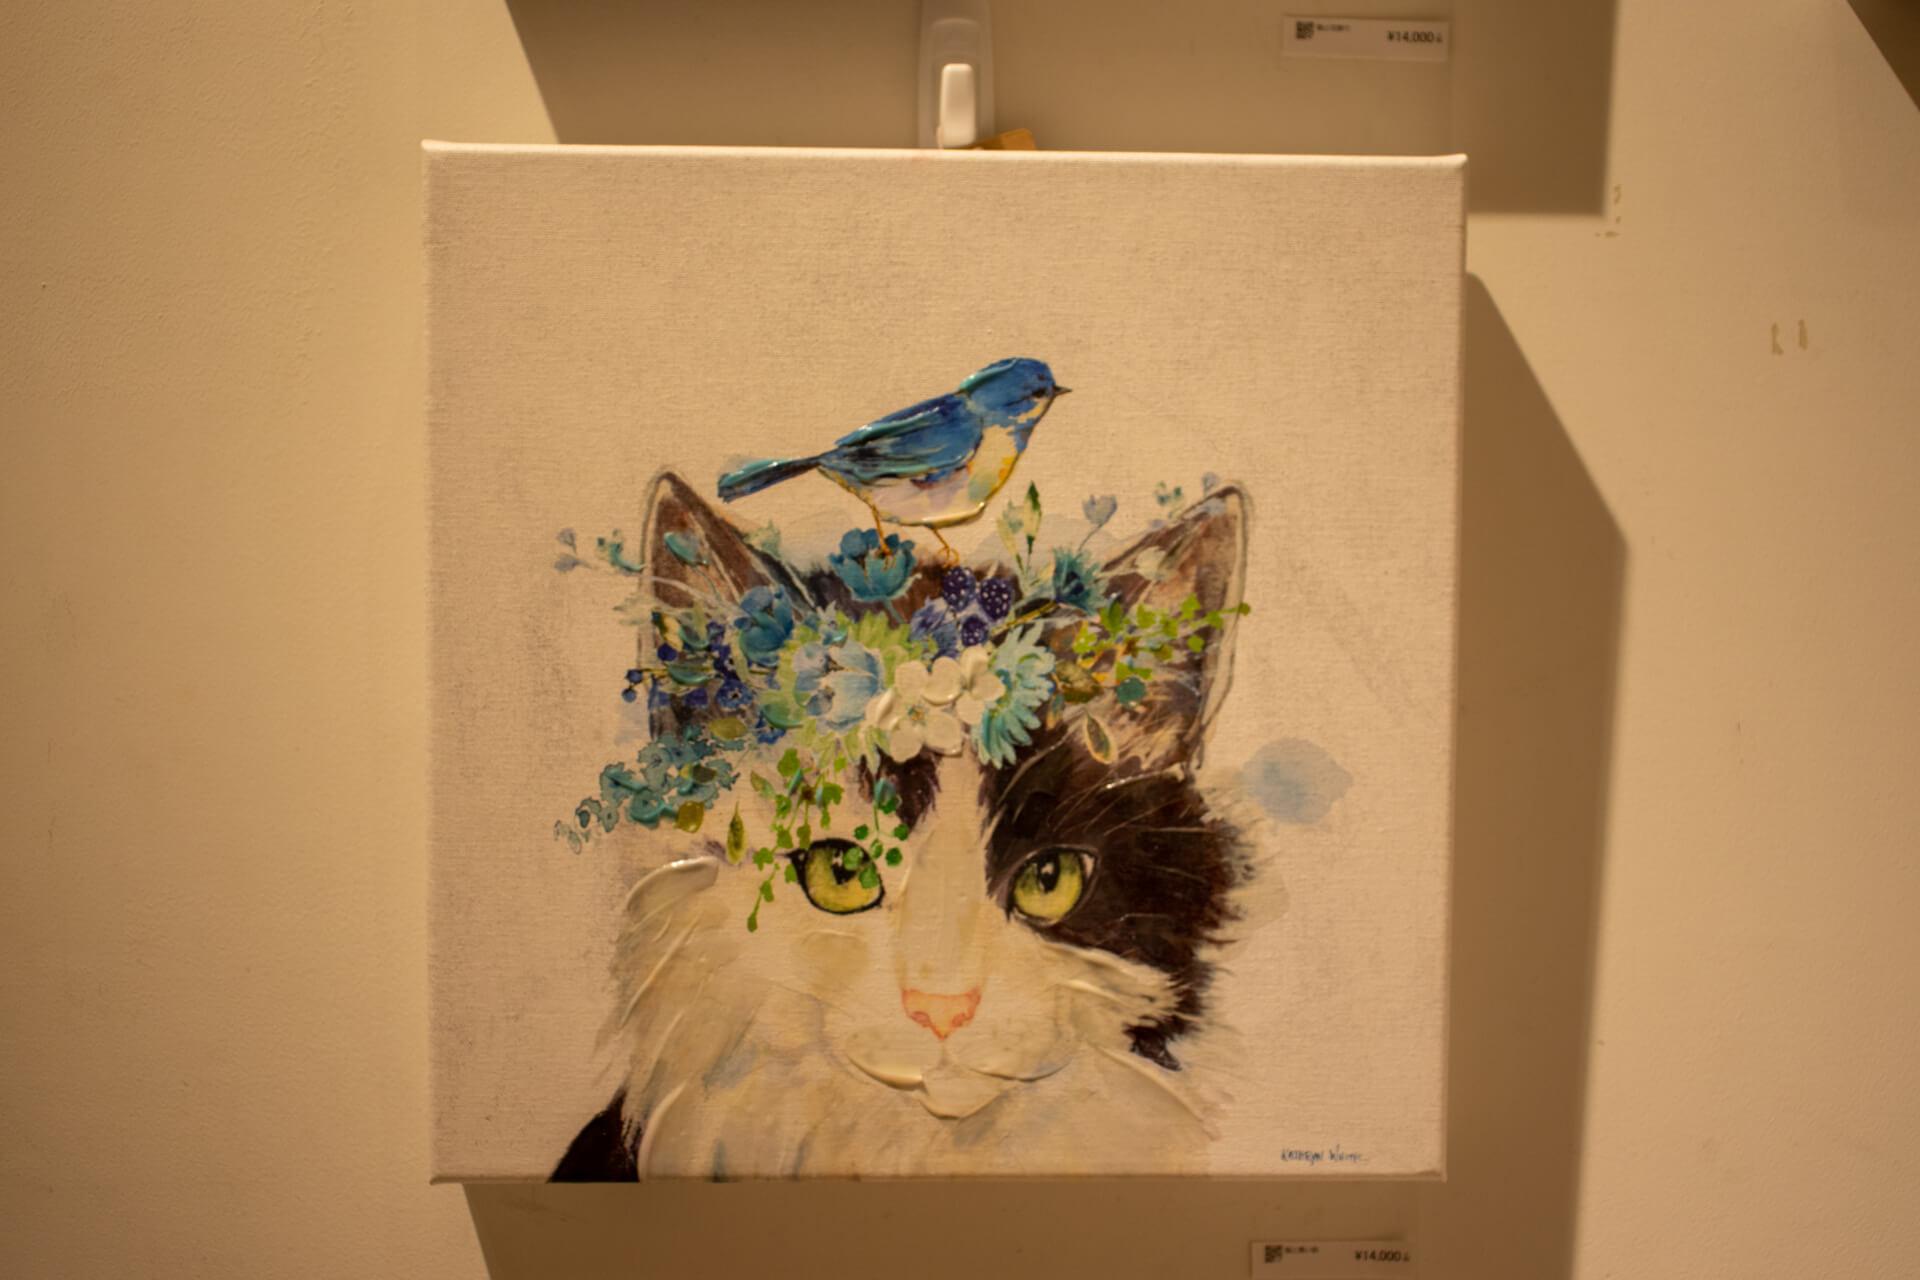 油絵具で描かれた猫